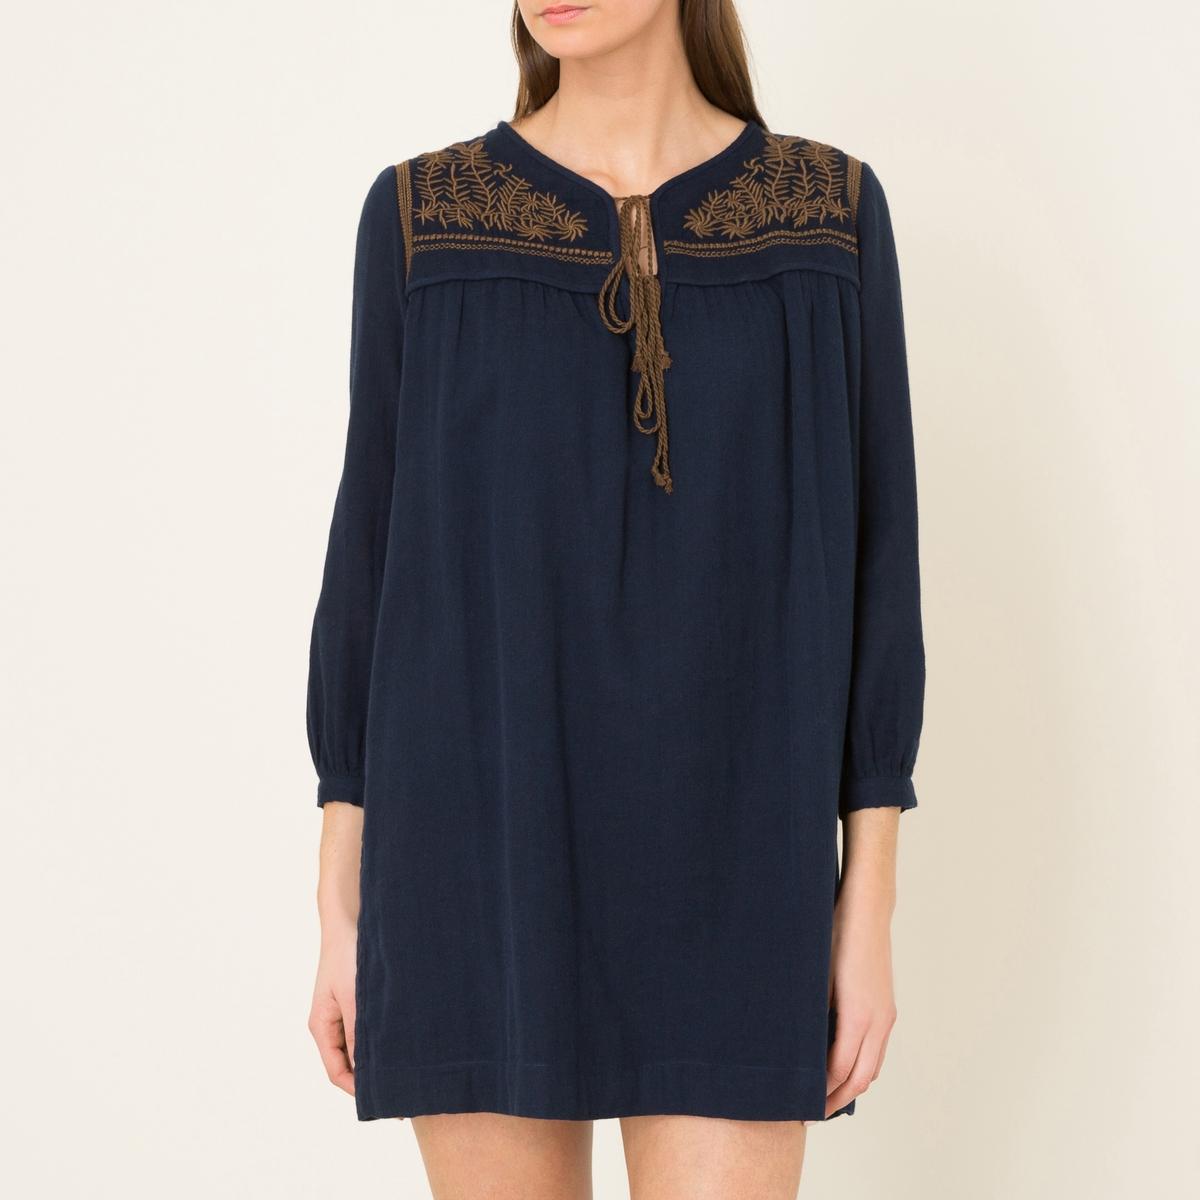 Платье с вышивкой VIOLETTEСостав и описаниеМатериал : 100% хлопокПодкладка : 100% хлопок Длина : 82 см. (для размера 36)Марка : SOEUR<br><br>Цвет: темно-синий,экрю/черный